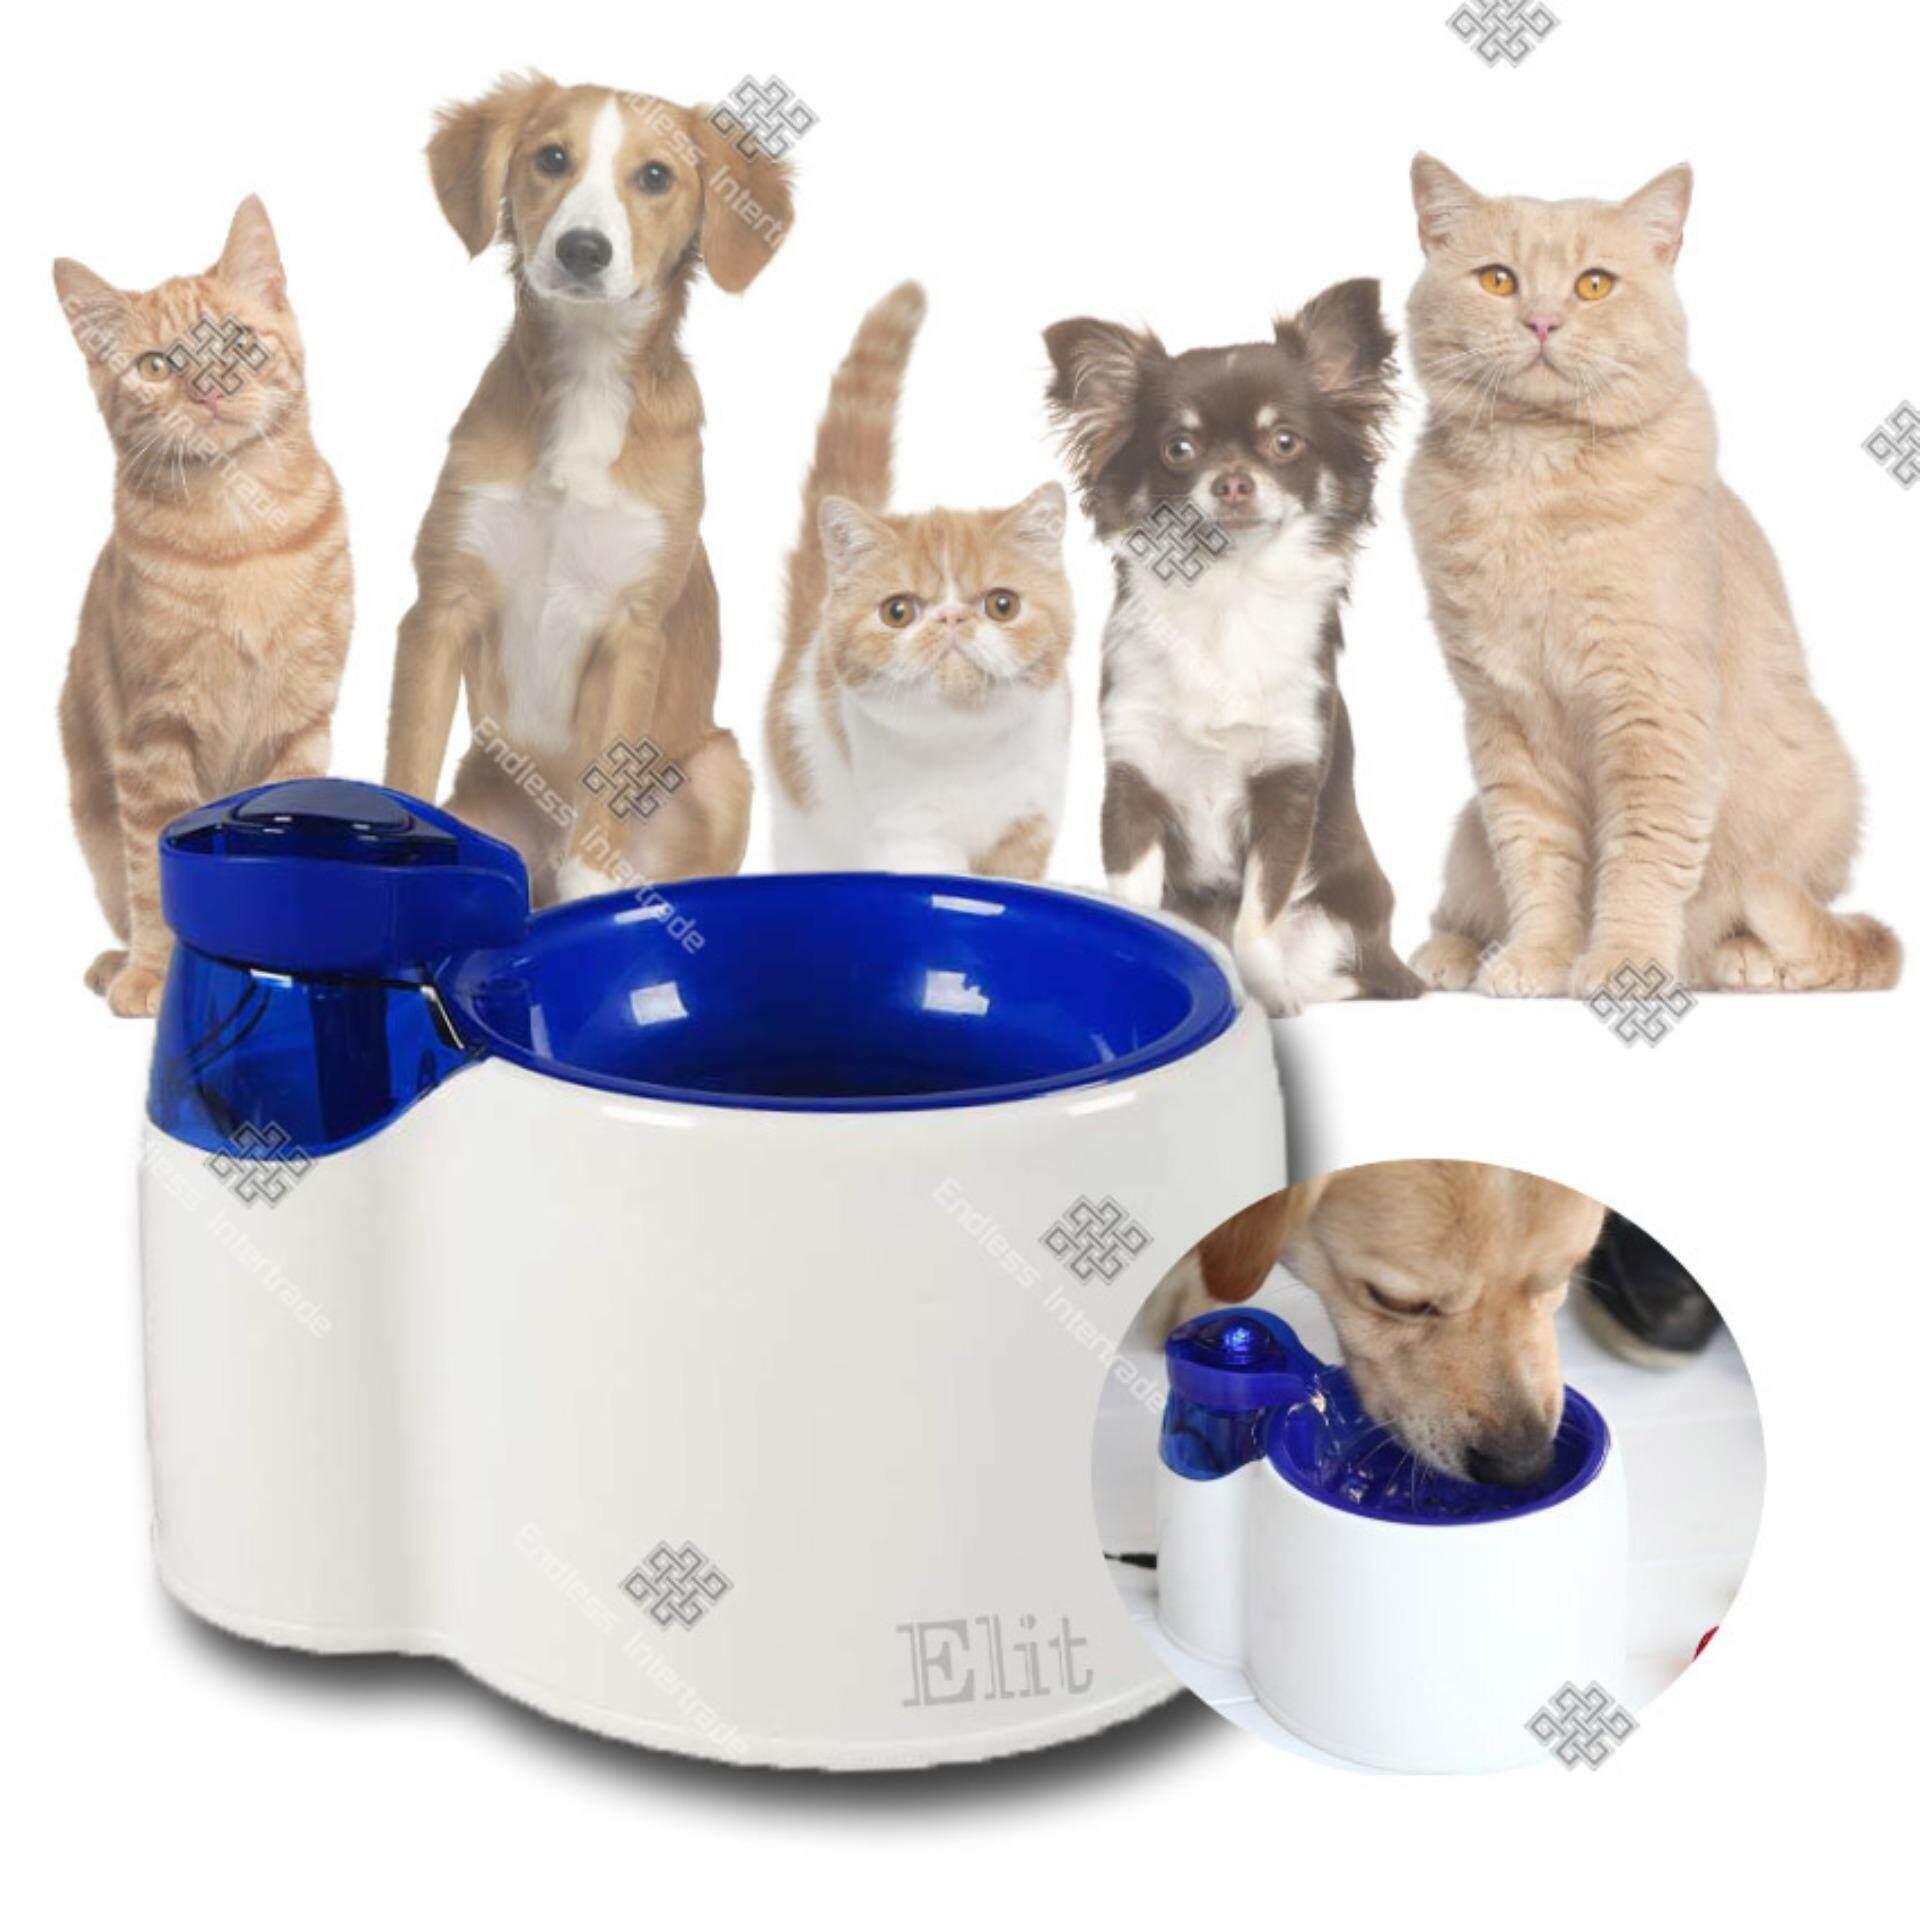 ราคา Elit ที่ให้น้ำแมว สุนัข สัตว์เลี้ยง แบบน้ำพุ Pet Drinking Fountain รุ่น Pdf2204 Sd Elit